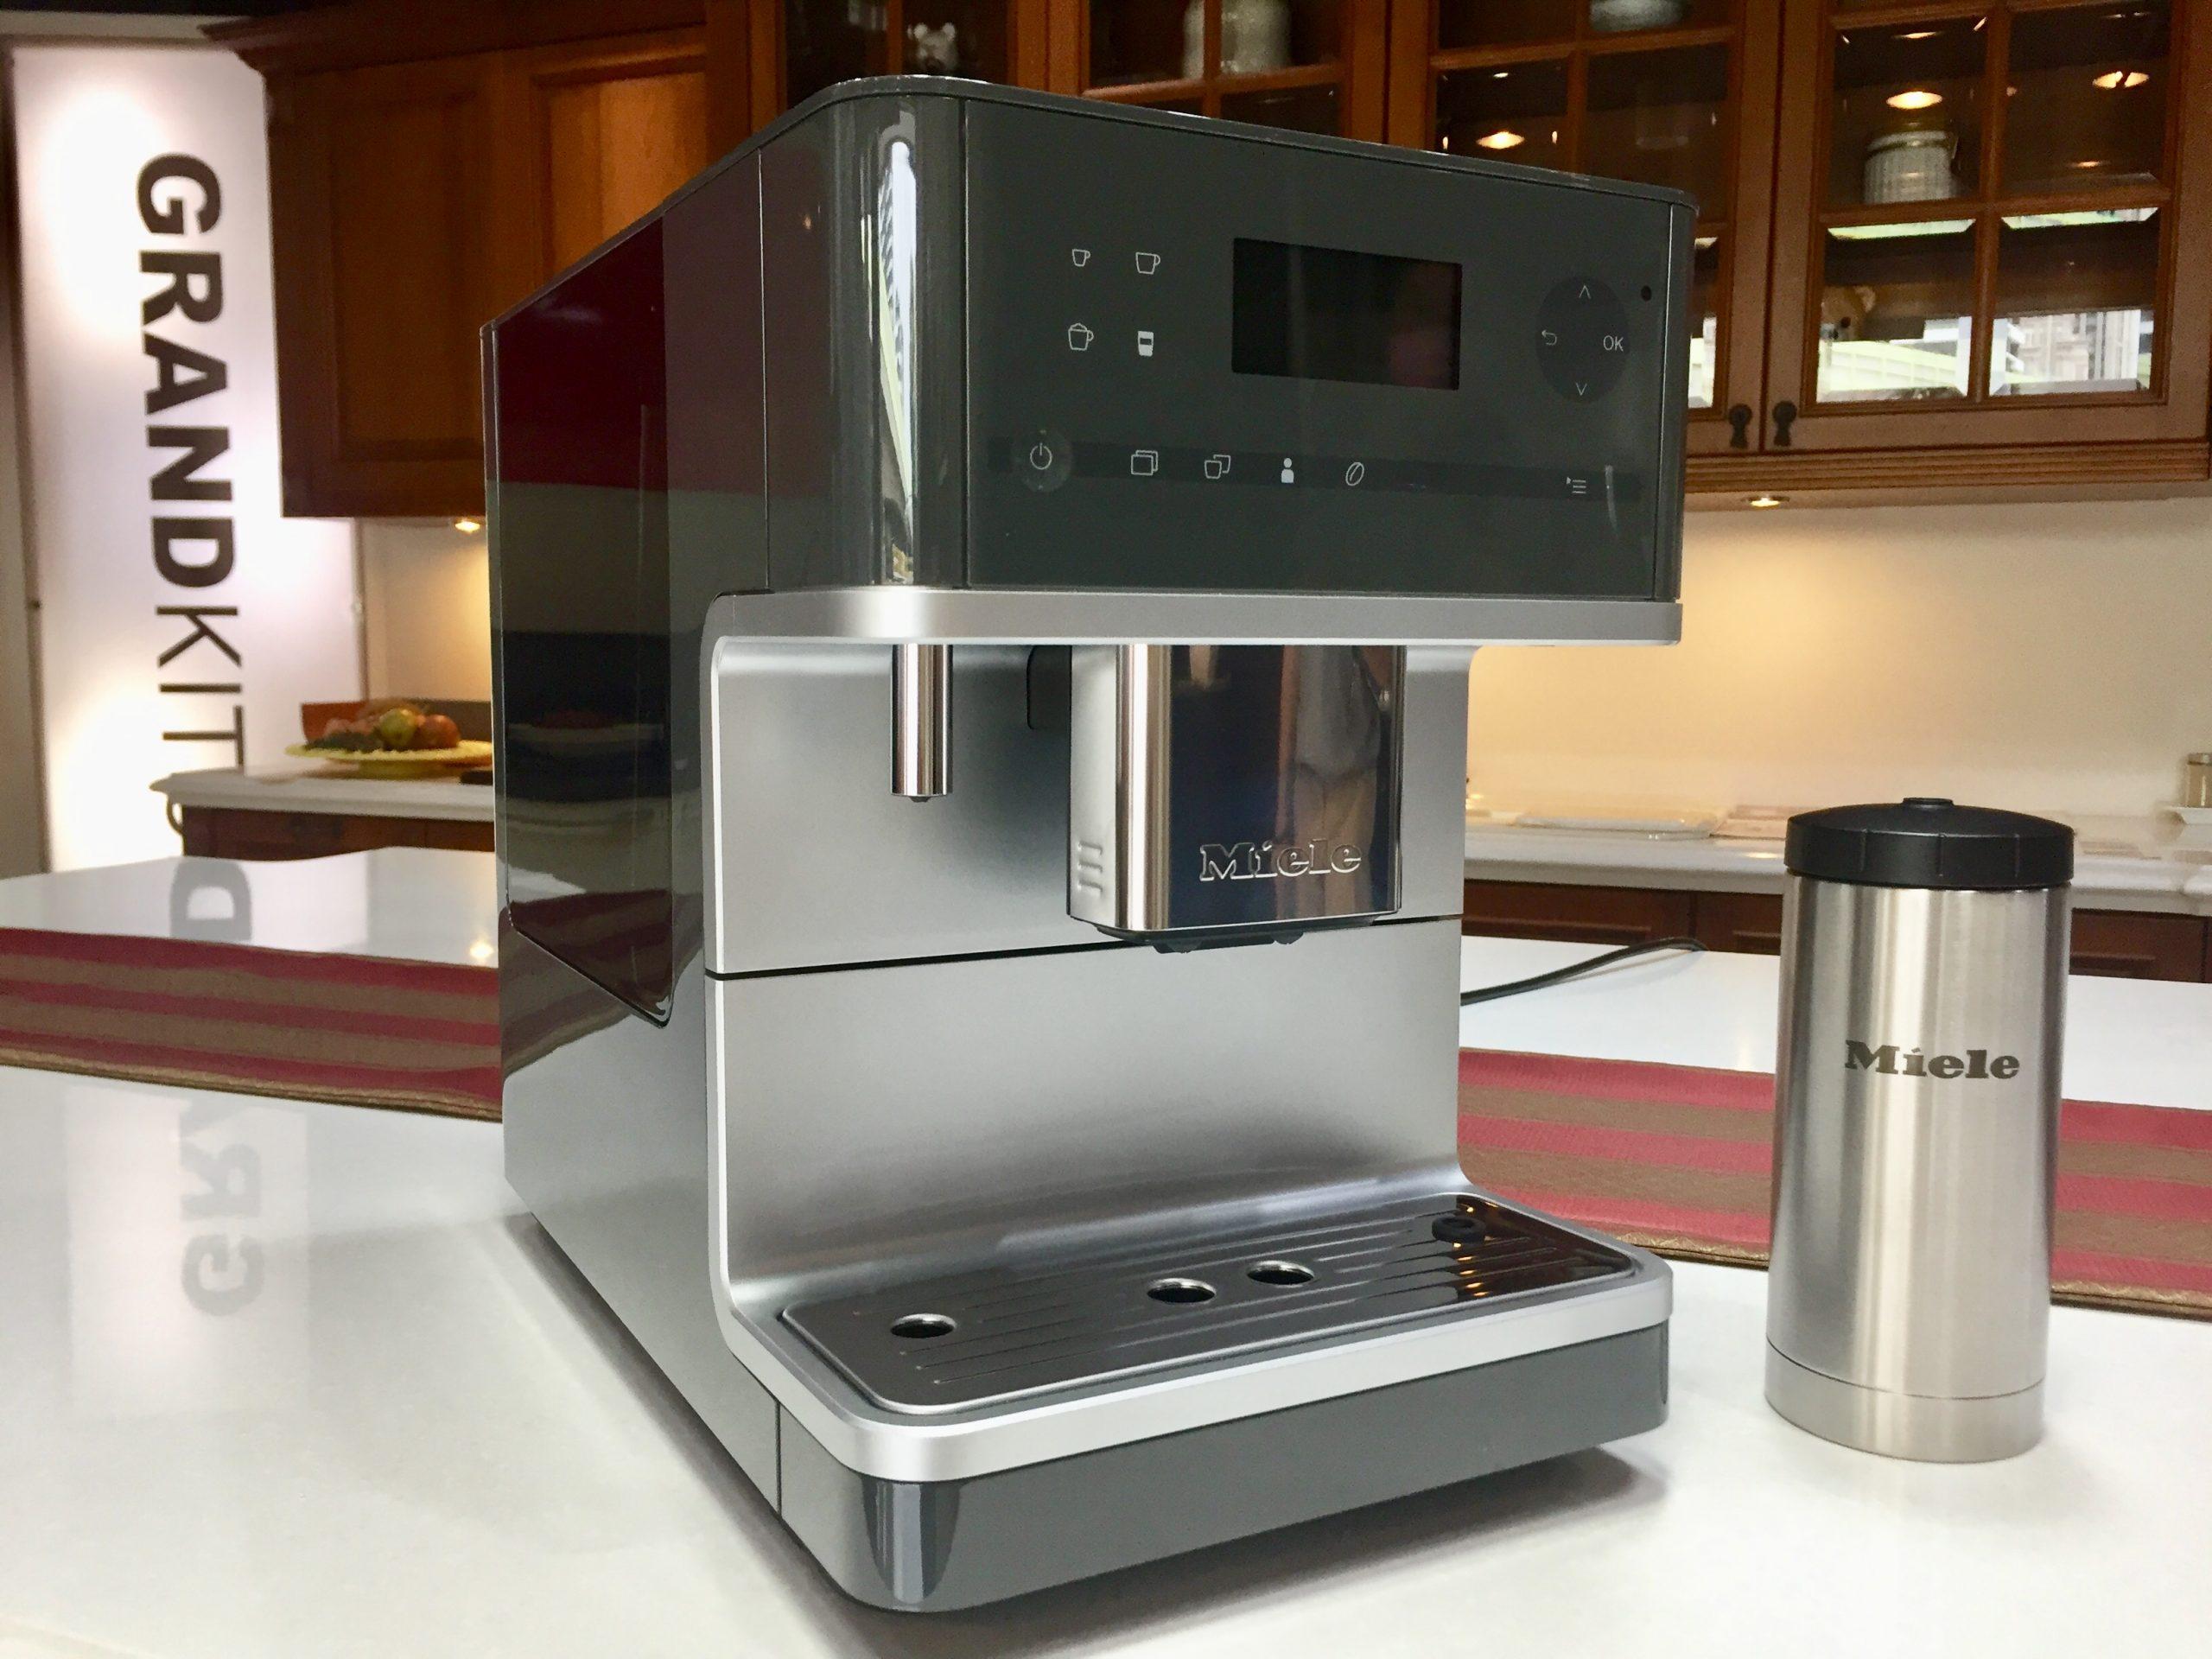 開箱 Miele CM6350 獨立式咖啡機!咖啡新手與行家都能沈浸於獨家 crema 香氣